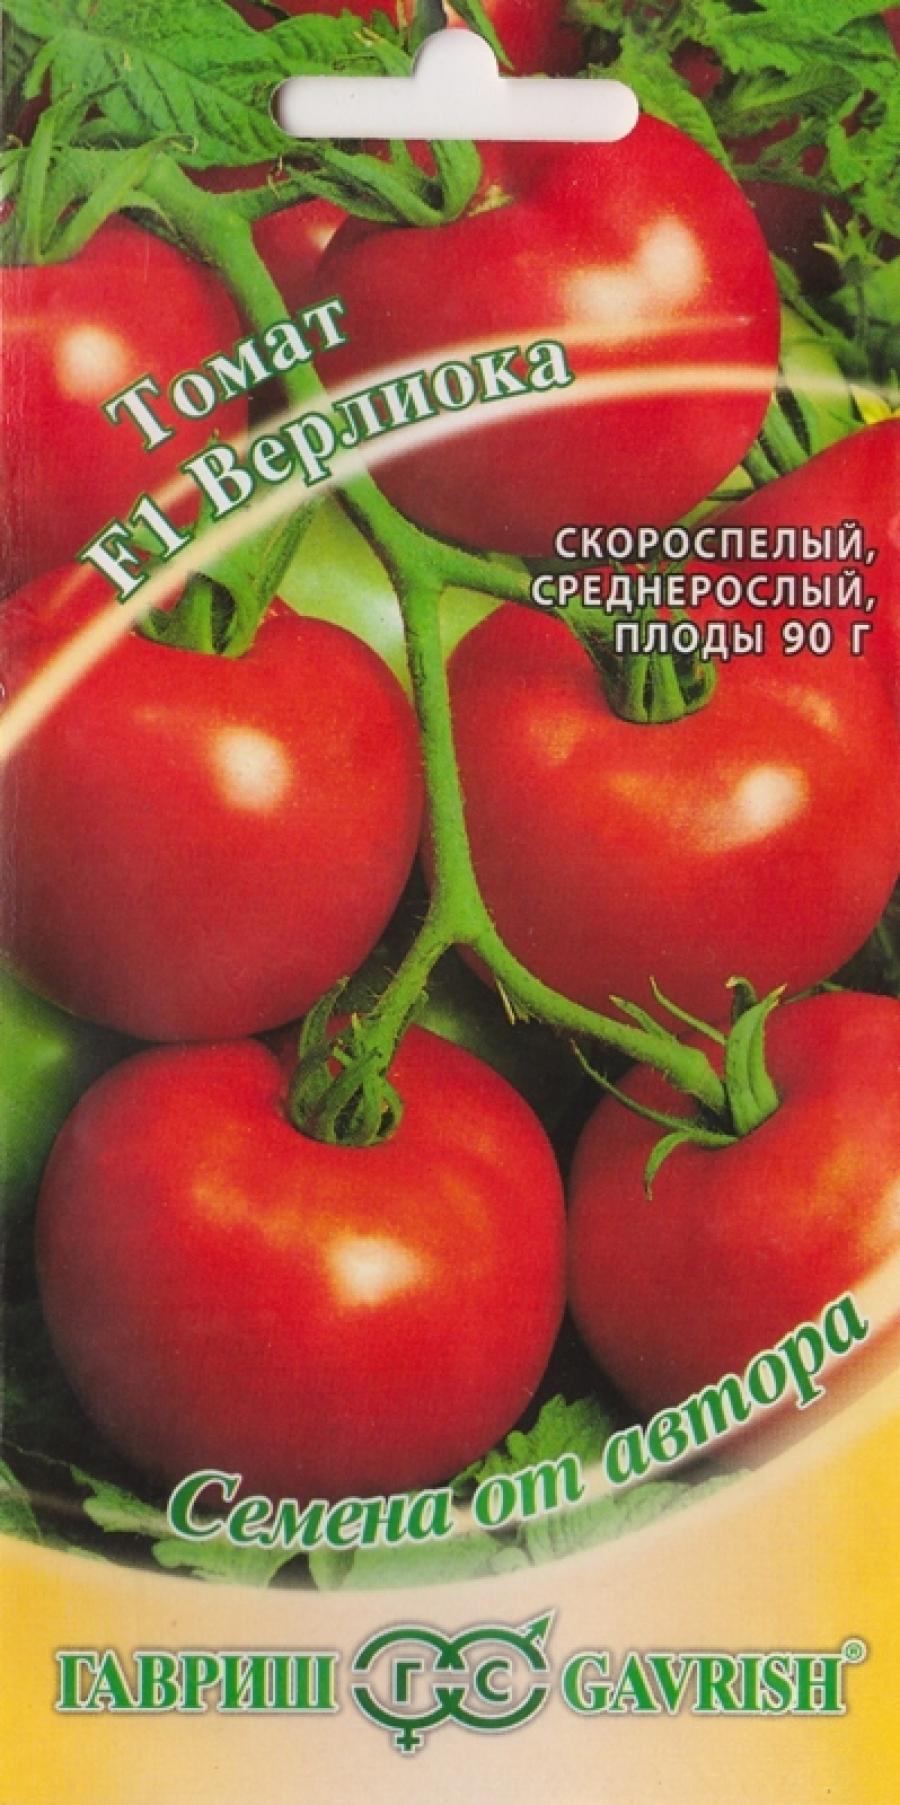 томат верлиока фото отзывы